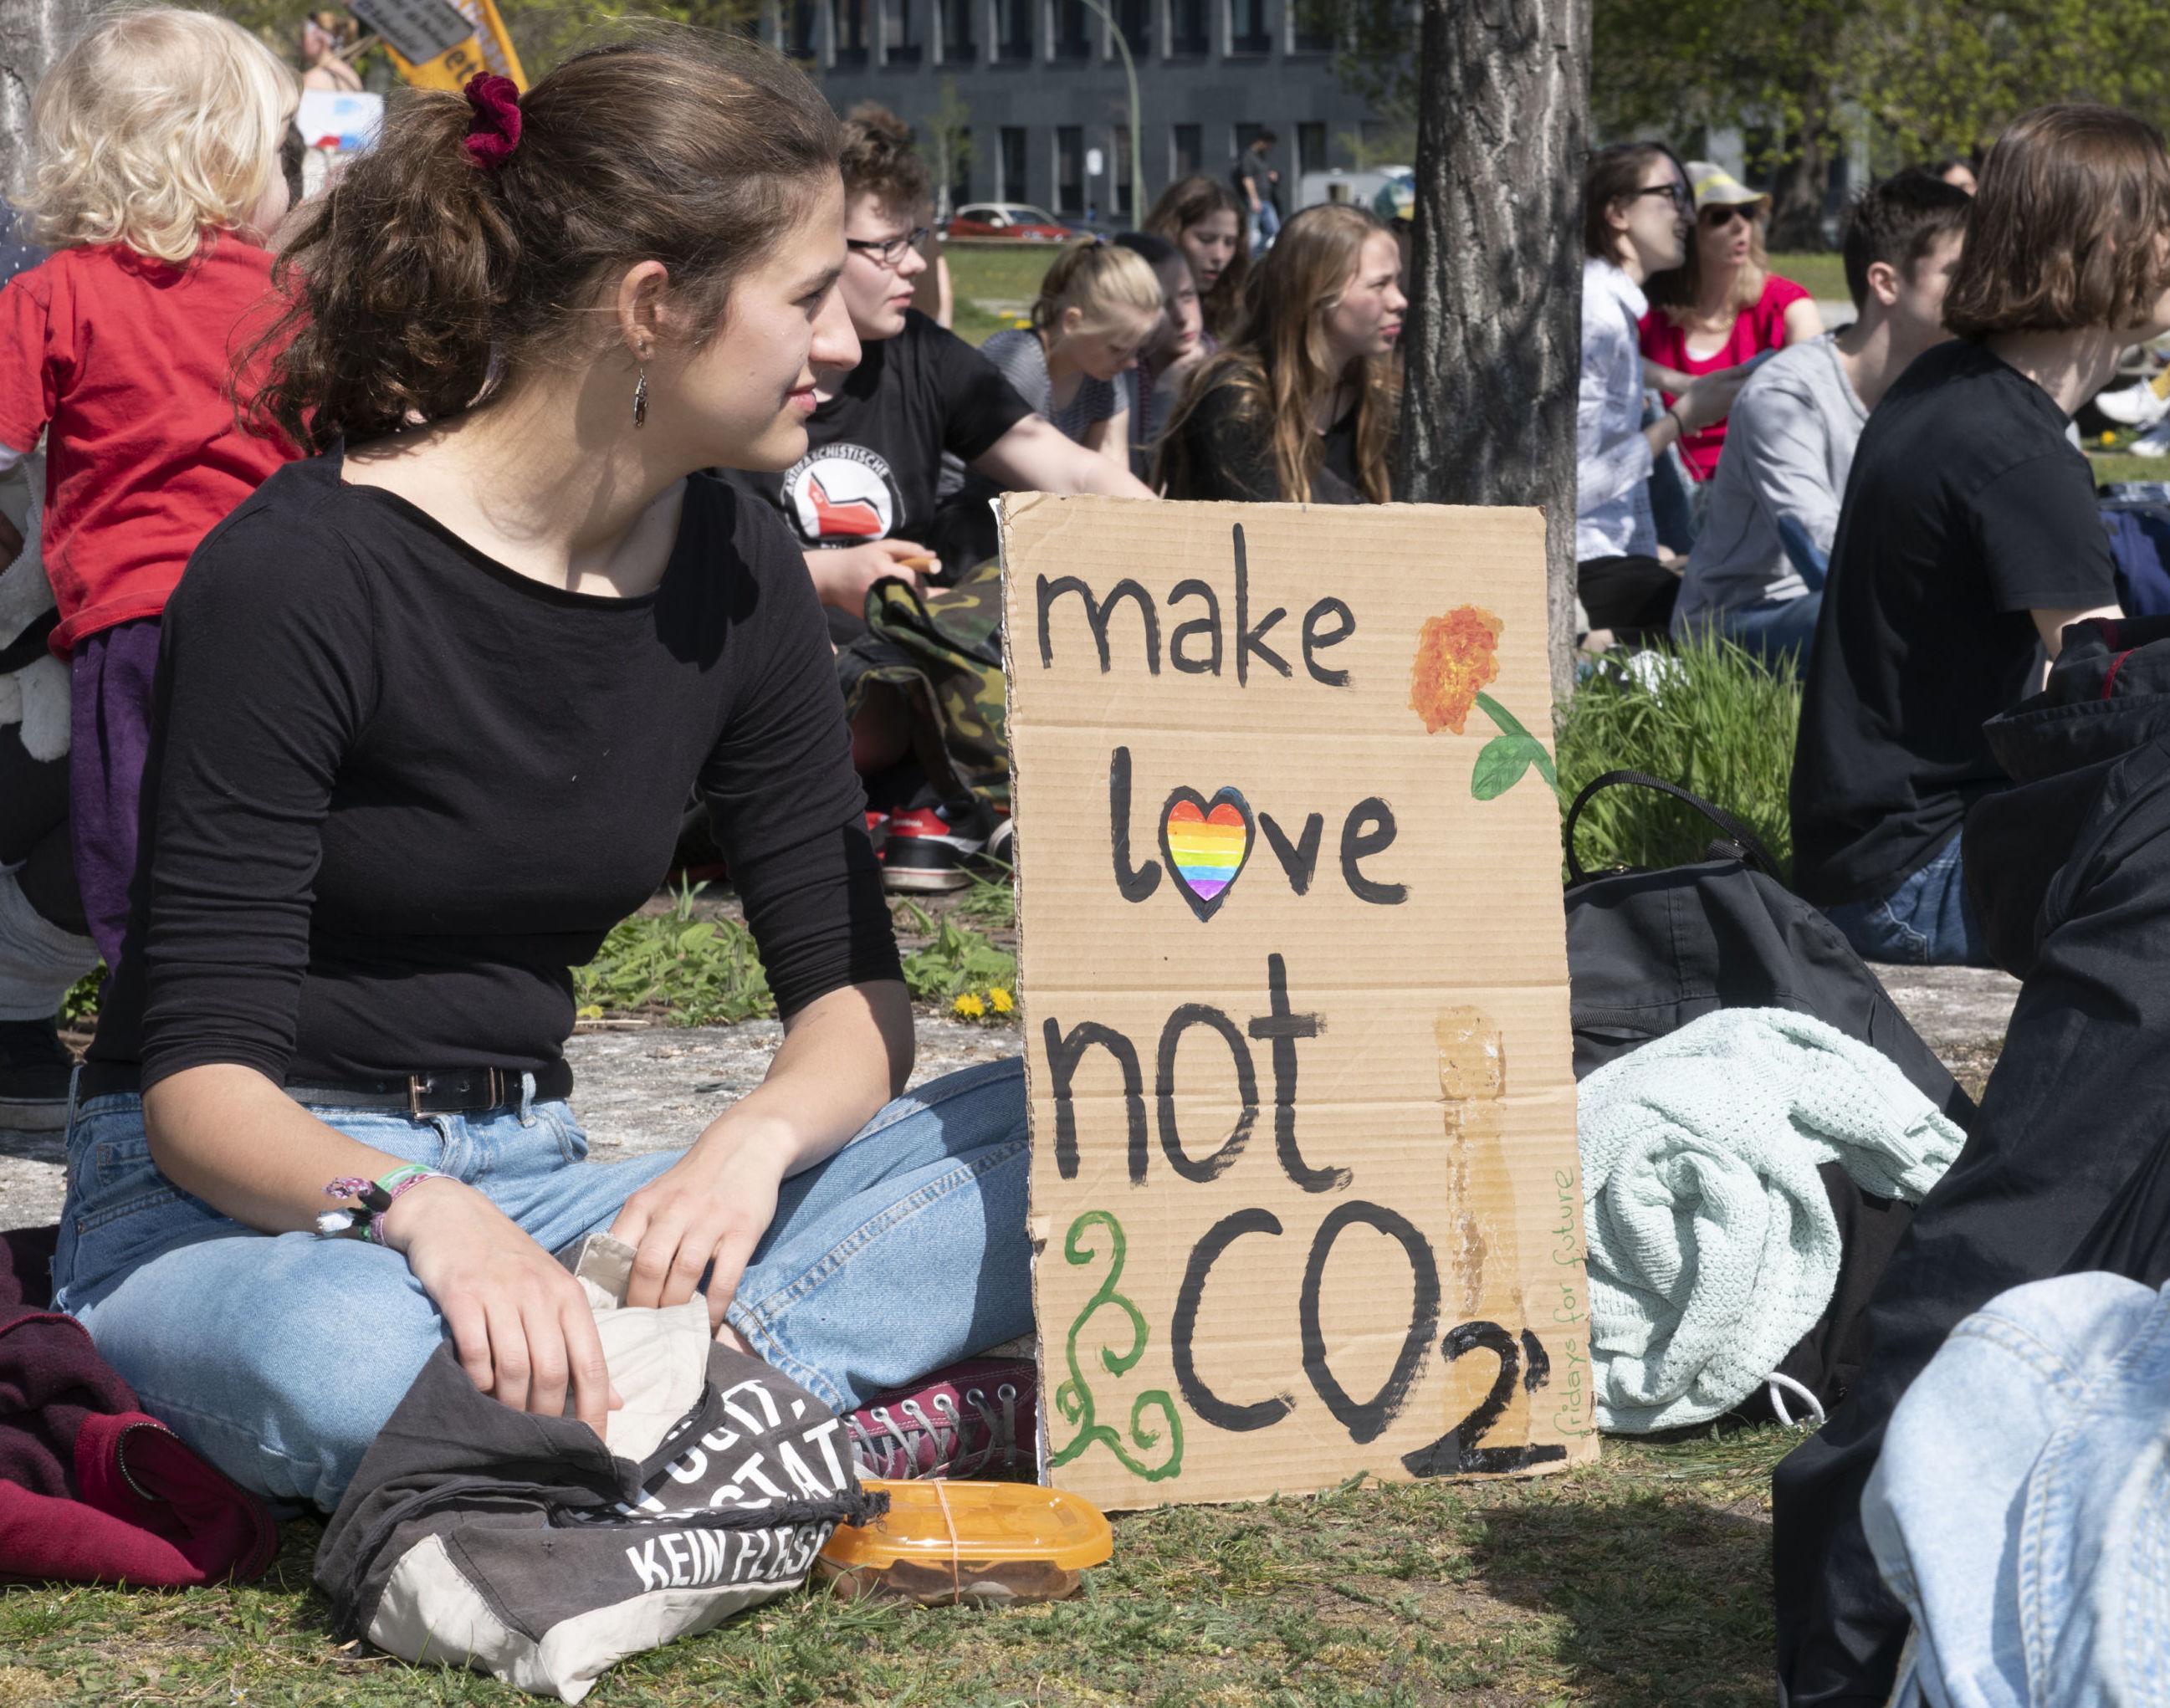 Haz el amor y no CO2, uno de los eslóganes de la marcha contra el cambio climático 'Viernes por el futuro' de Berlín.